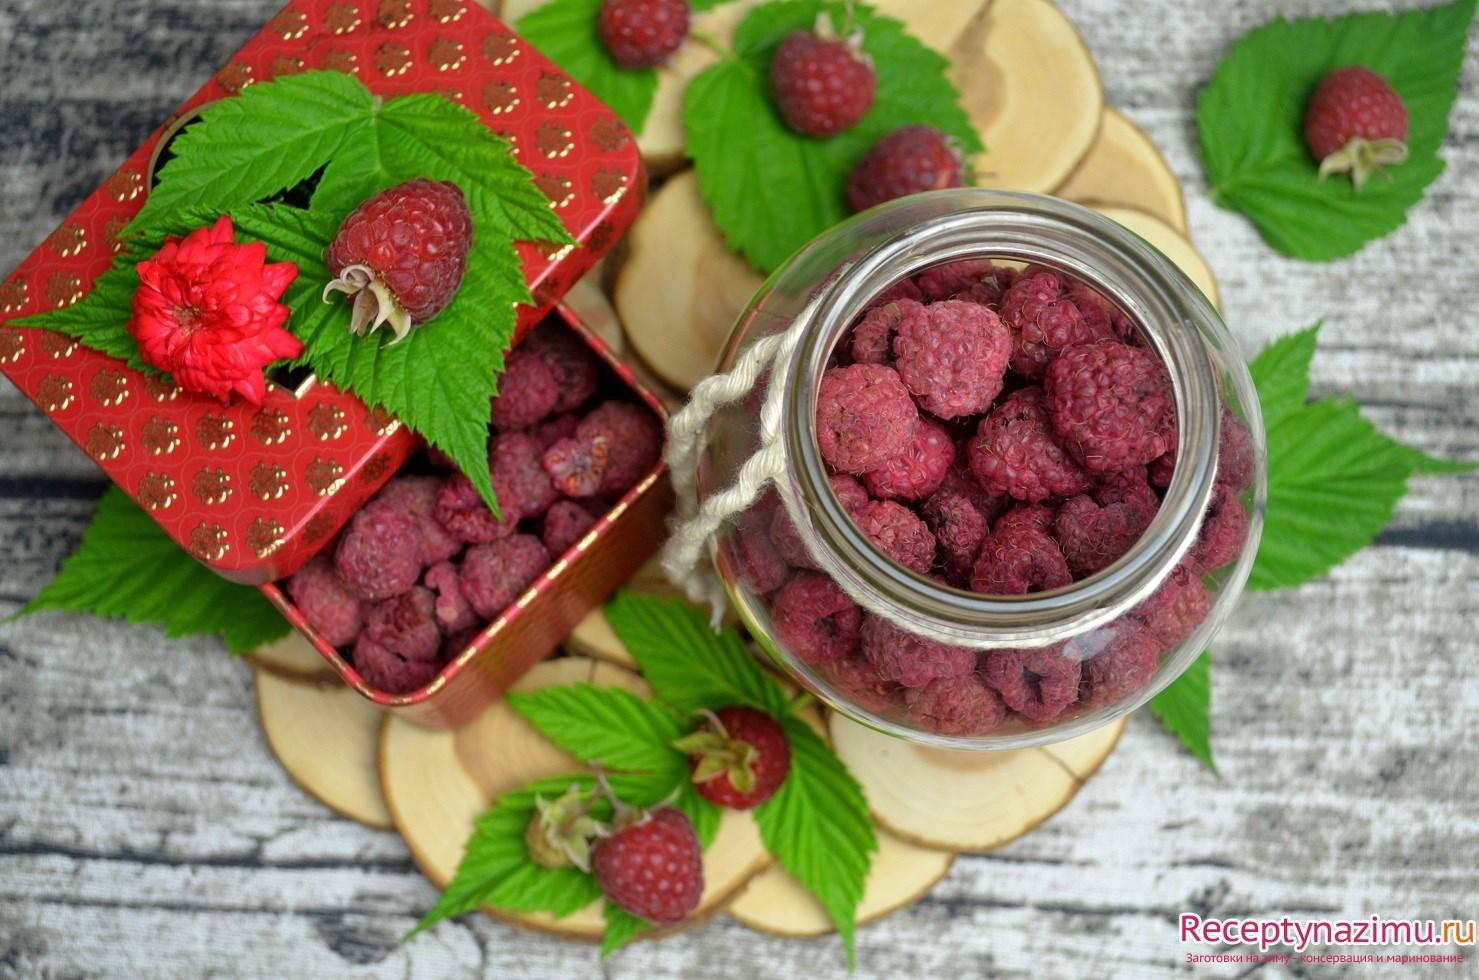 Сушить ягоды в домашних условиях